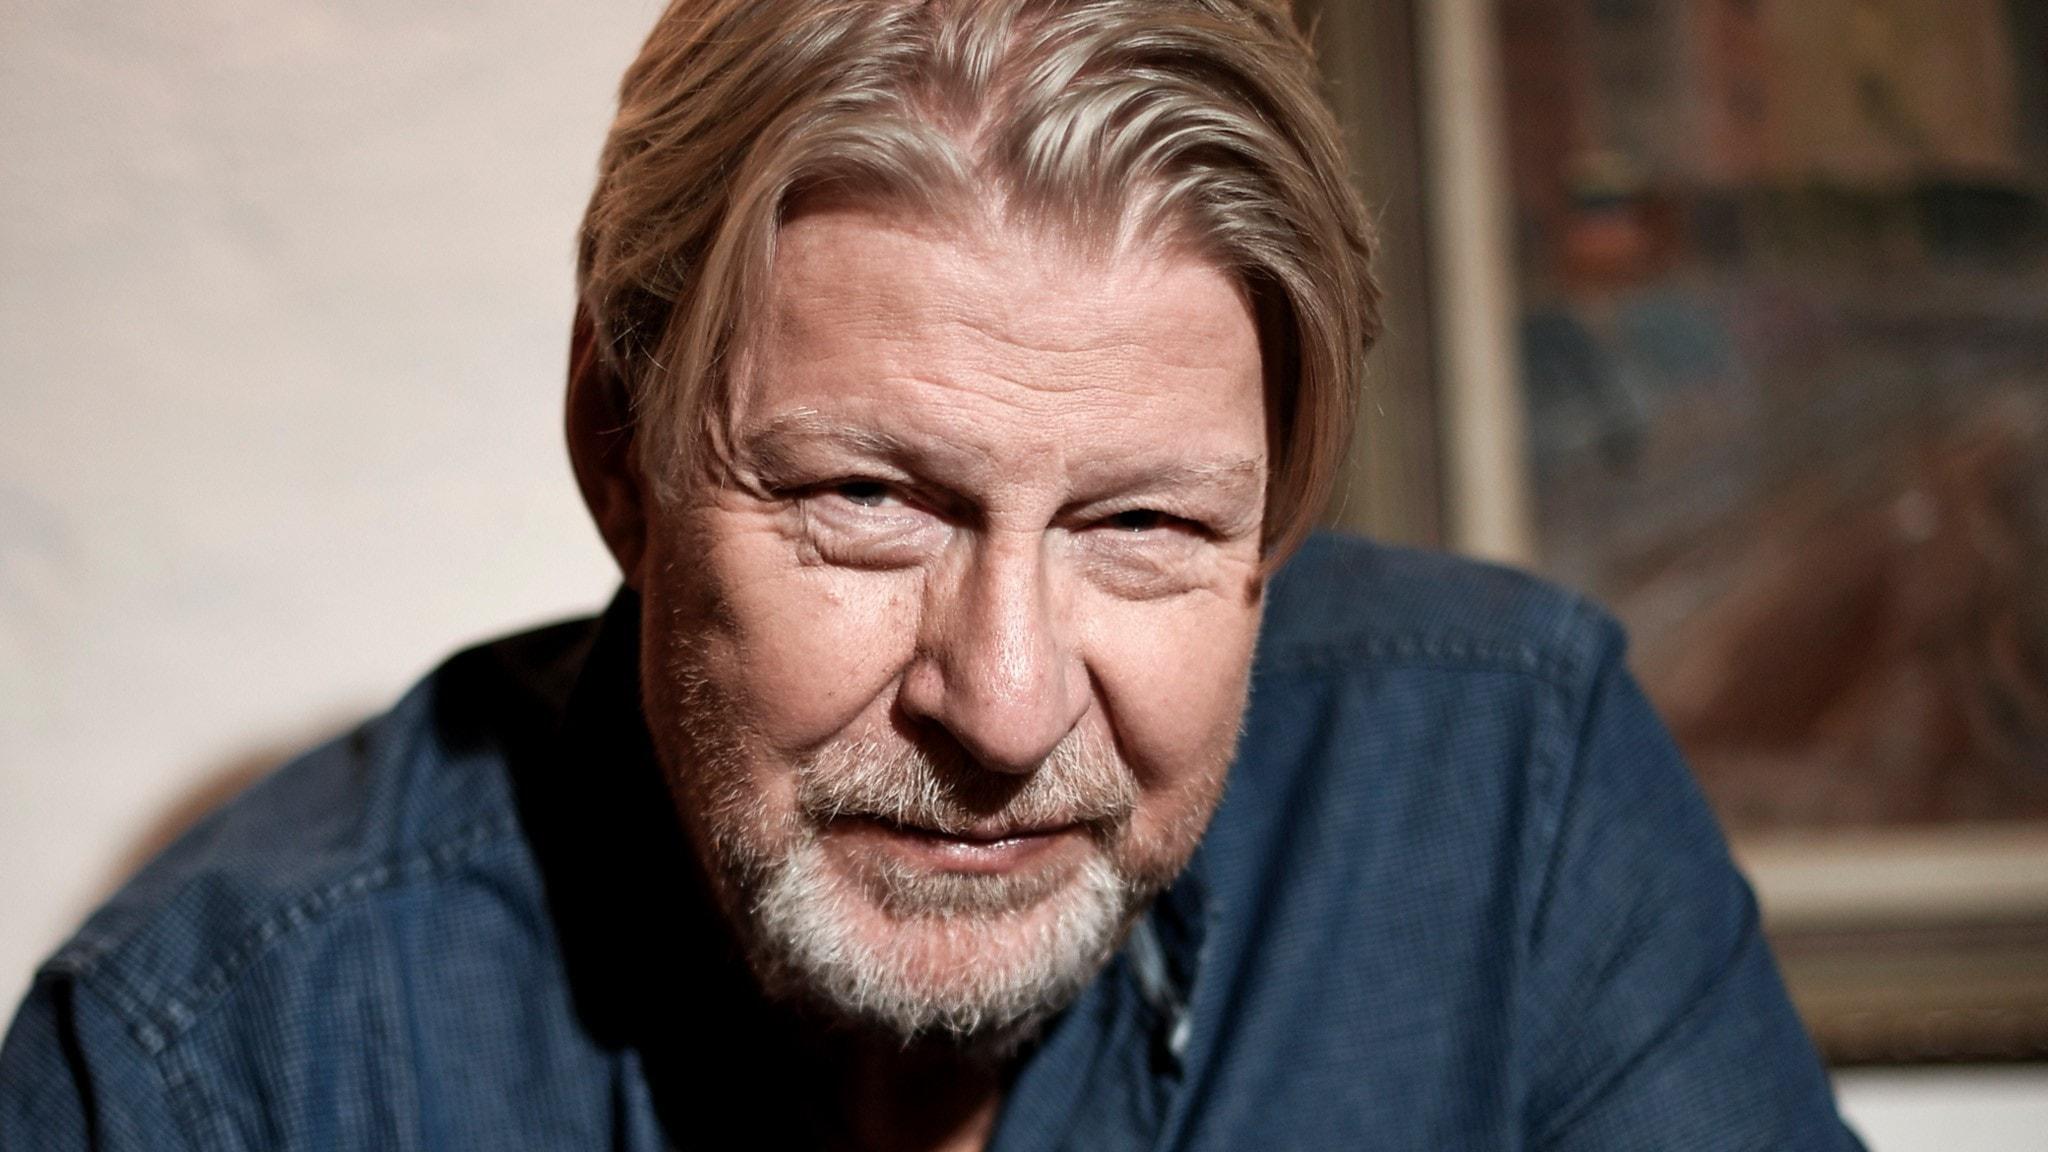 Rolf Lassgård ler och kollar in i kameran.